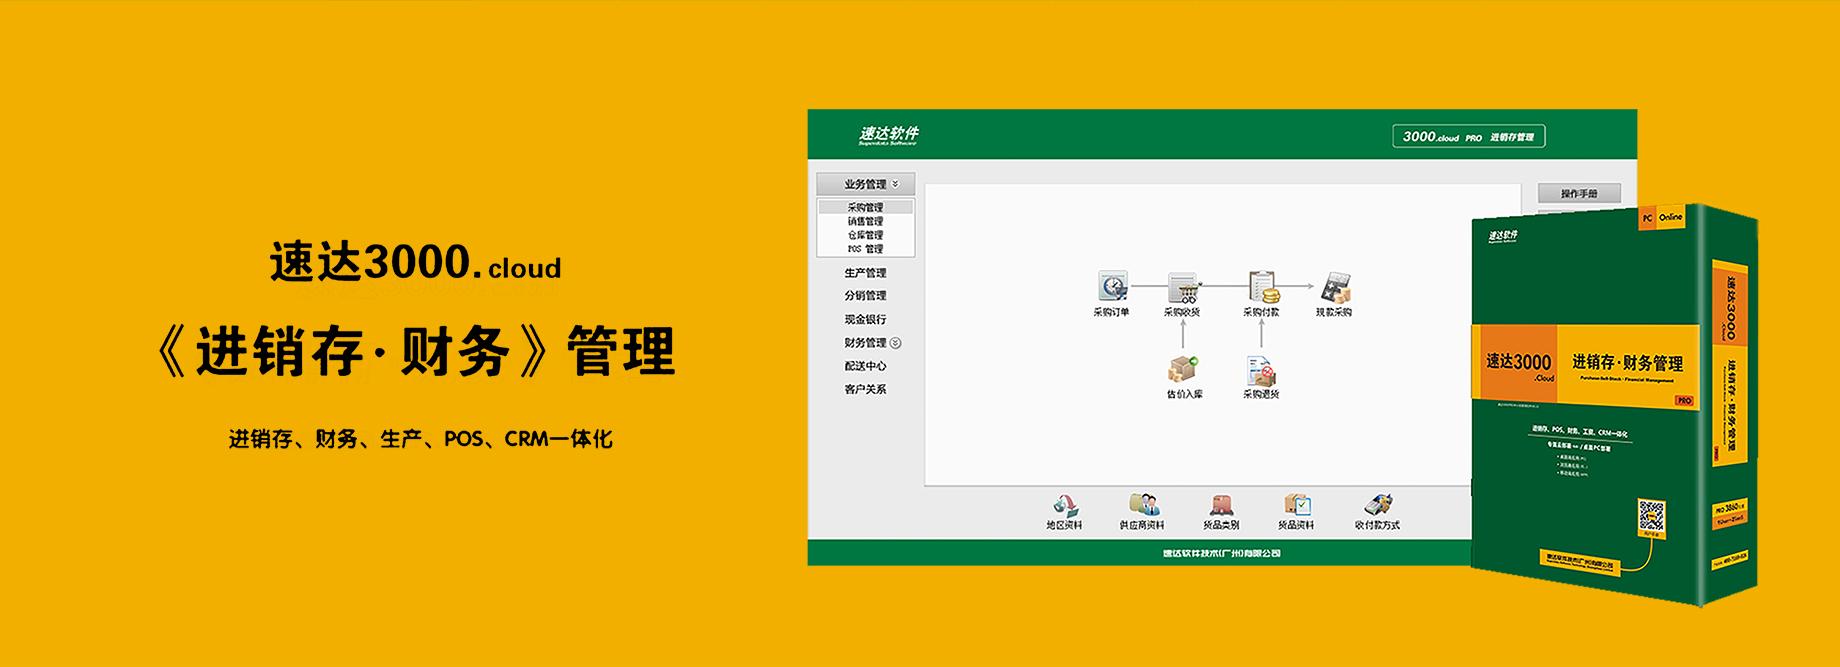 鄭州用友軟件